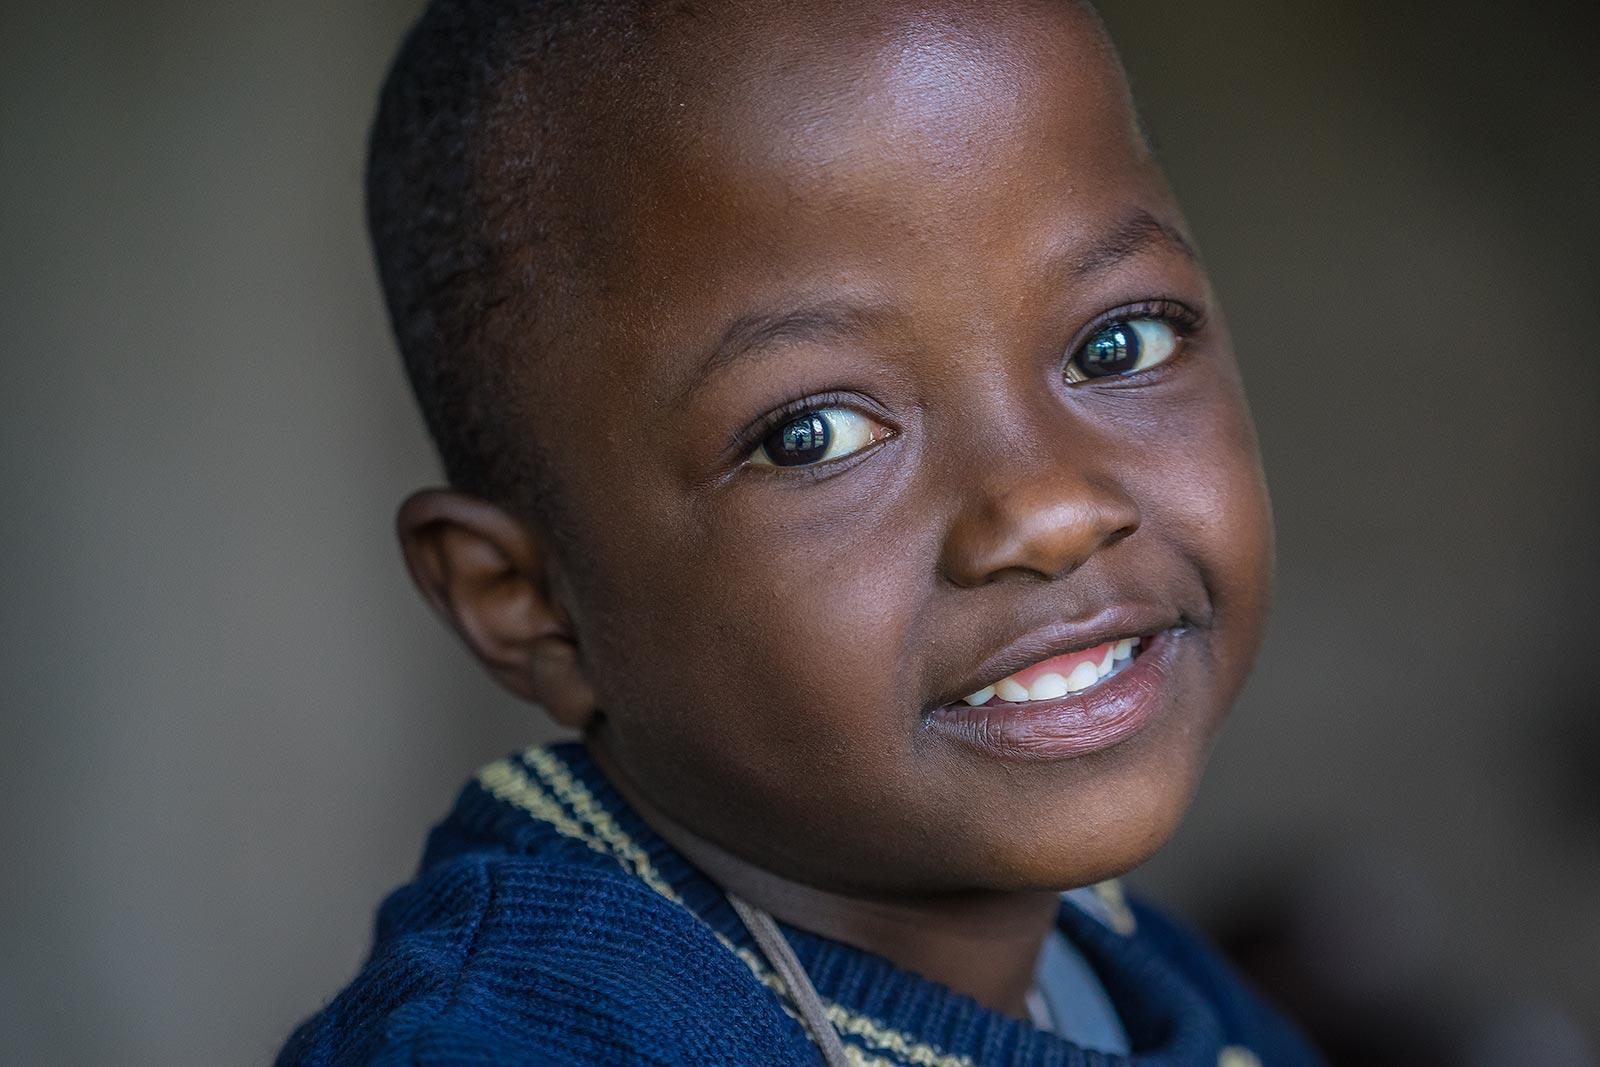 탄자니아 소년